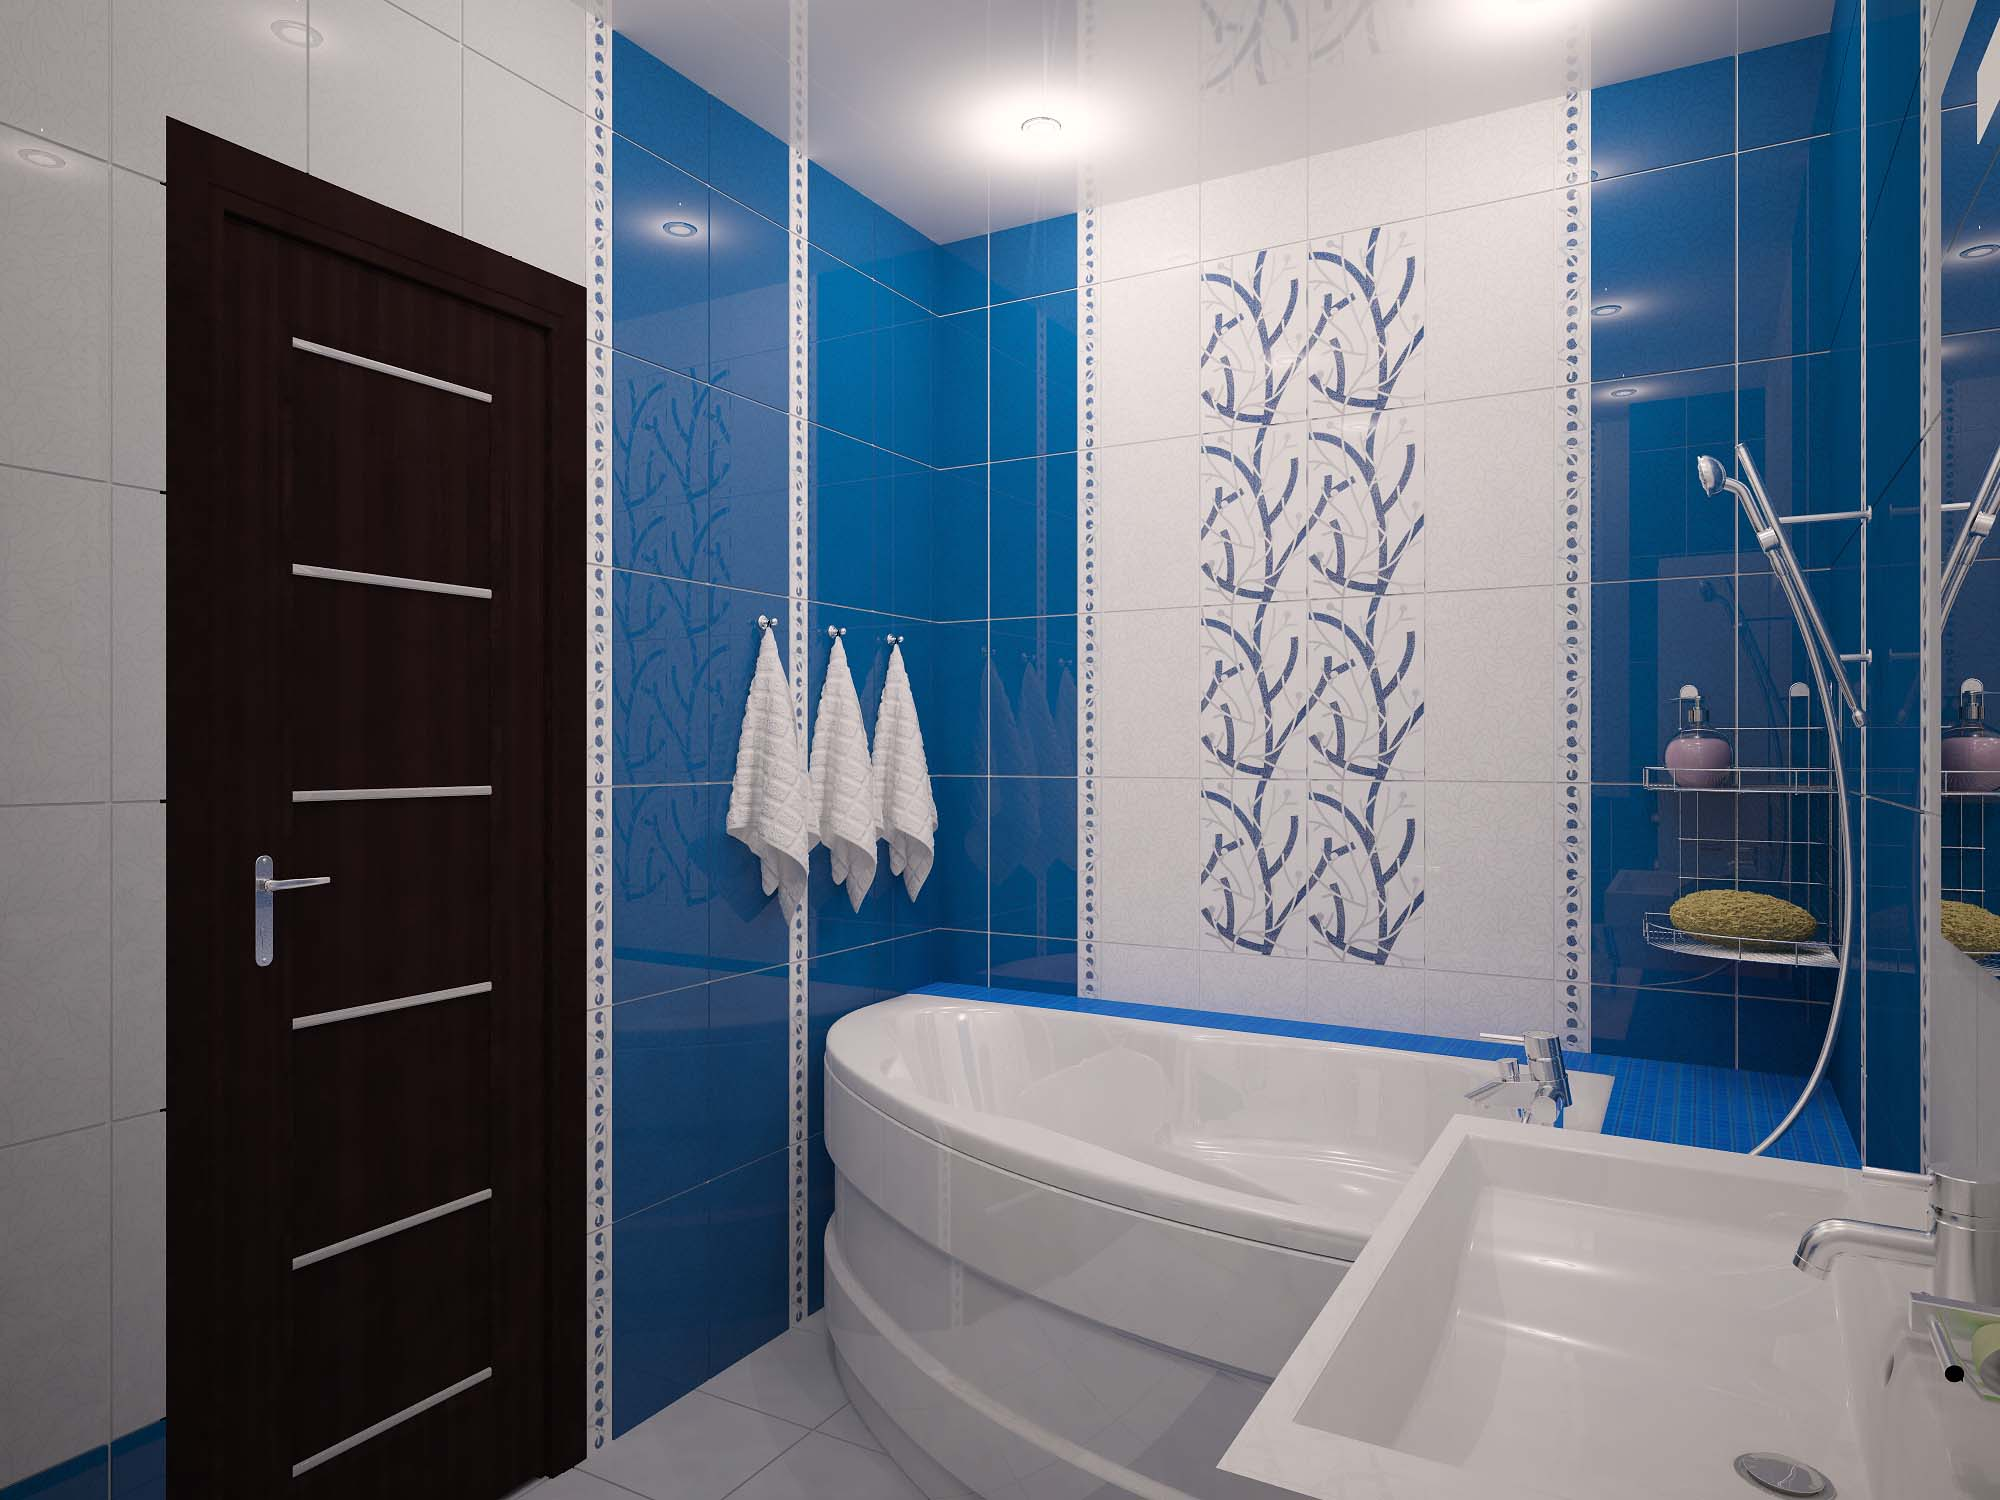 Дизайн ванной комнаты 6 кв м сине-белый колорит